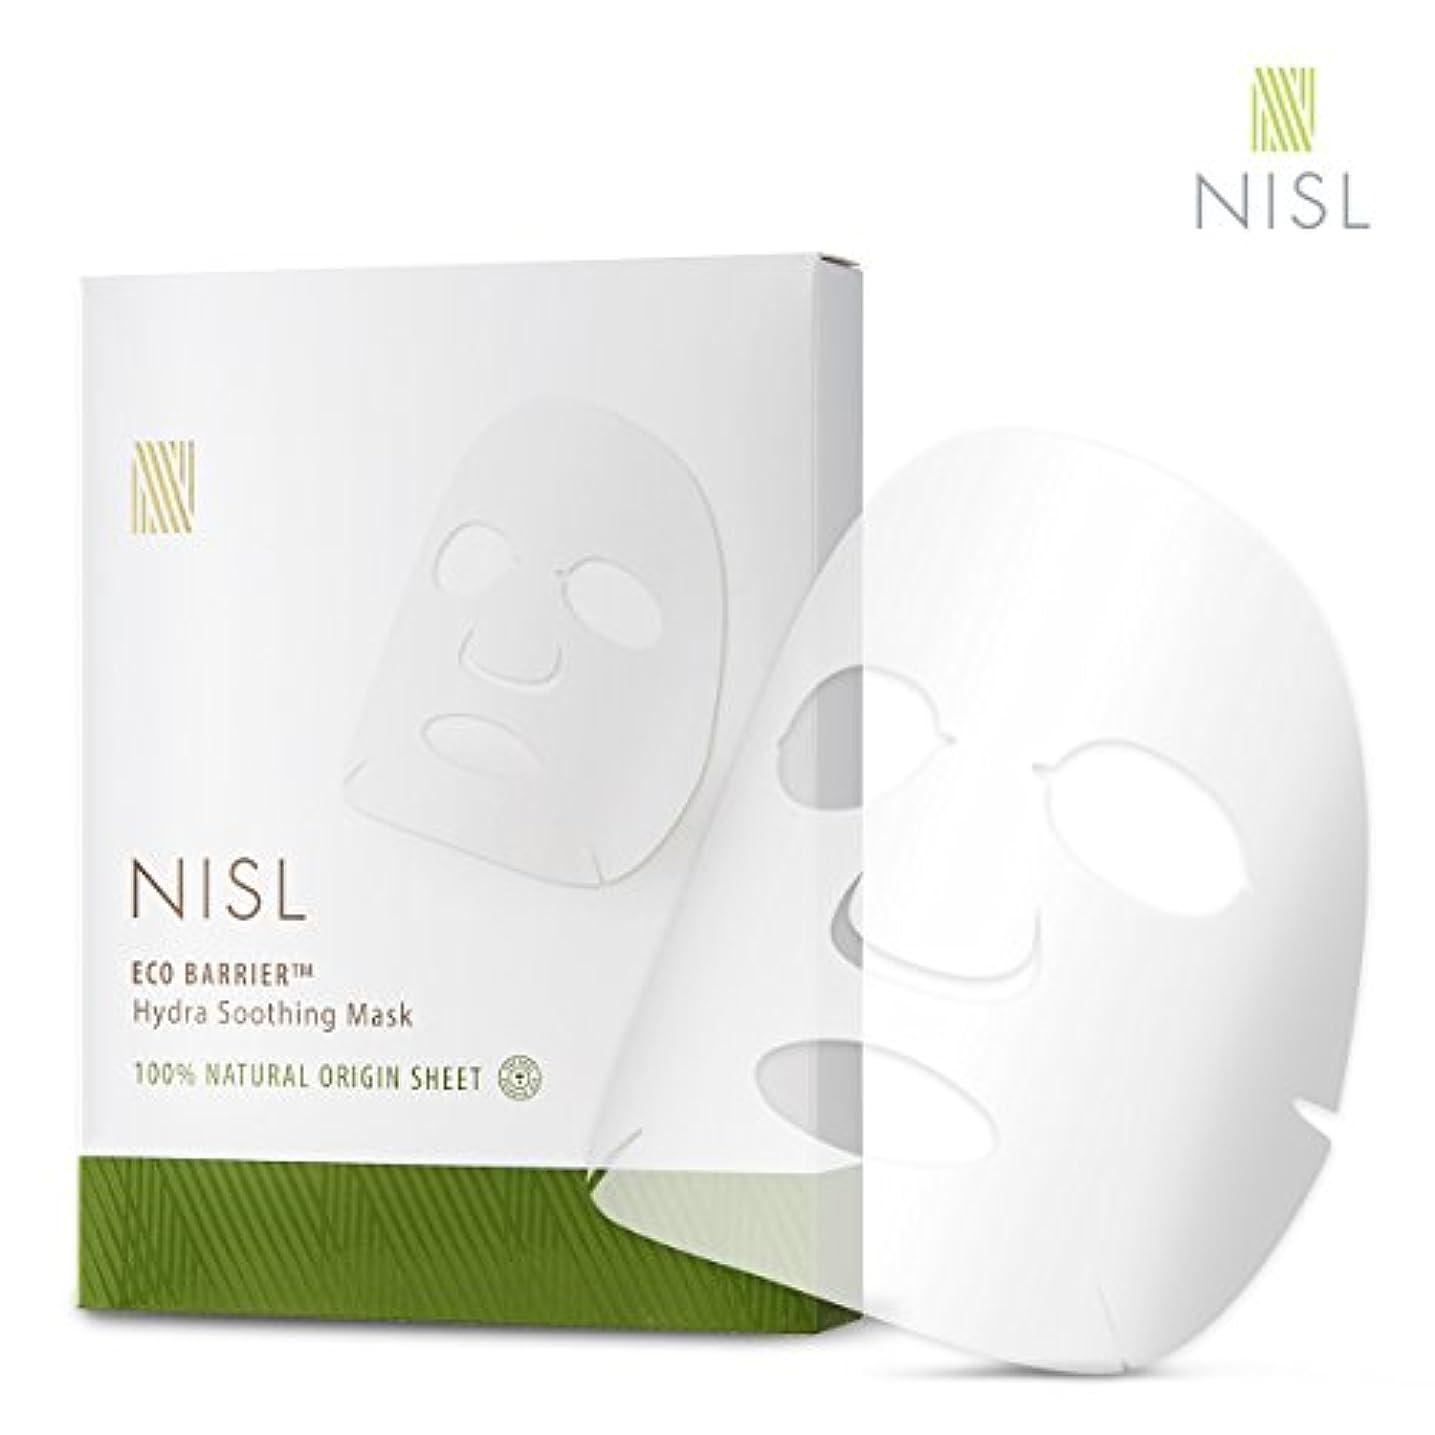 シャワー結果として大混乱【NISL】ナチュラルエコバリアハイドラスージングマスクセット(5p / 23ml) フェイスパック シートマスク フェイスマスク 韓国コスメ